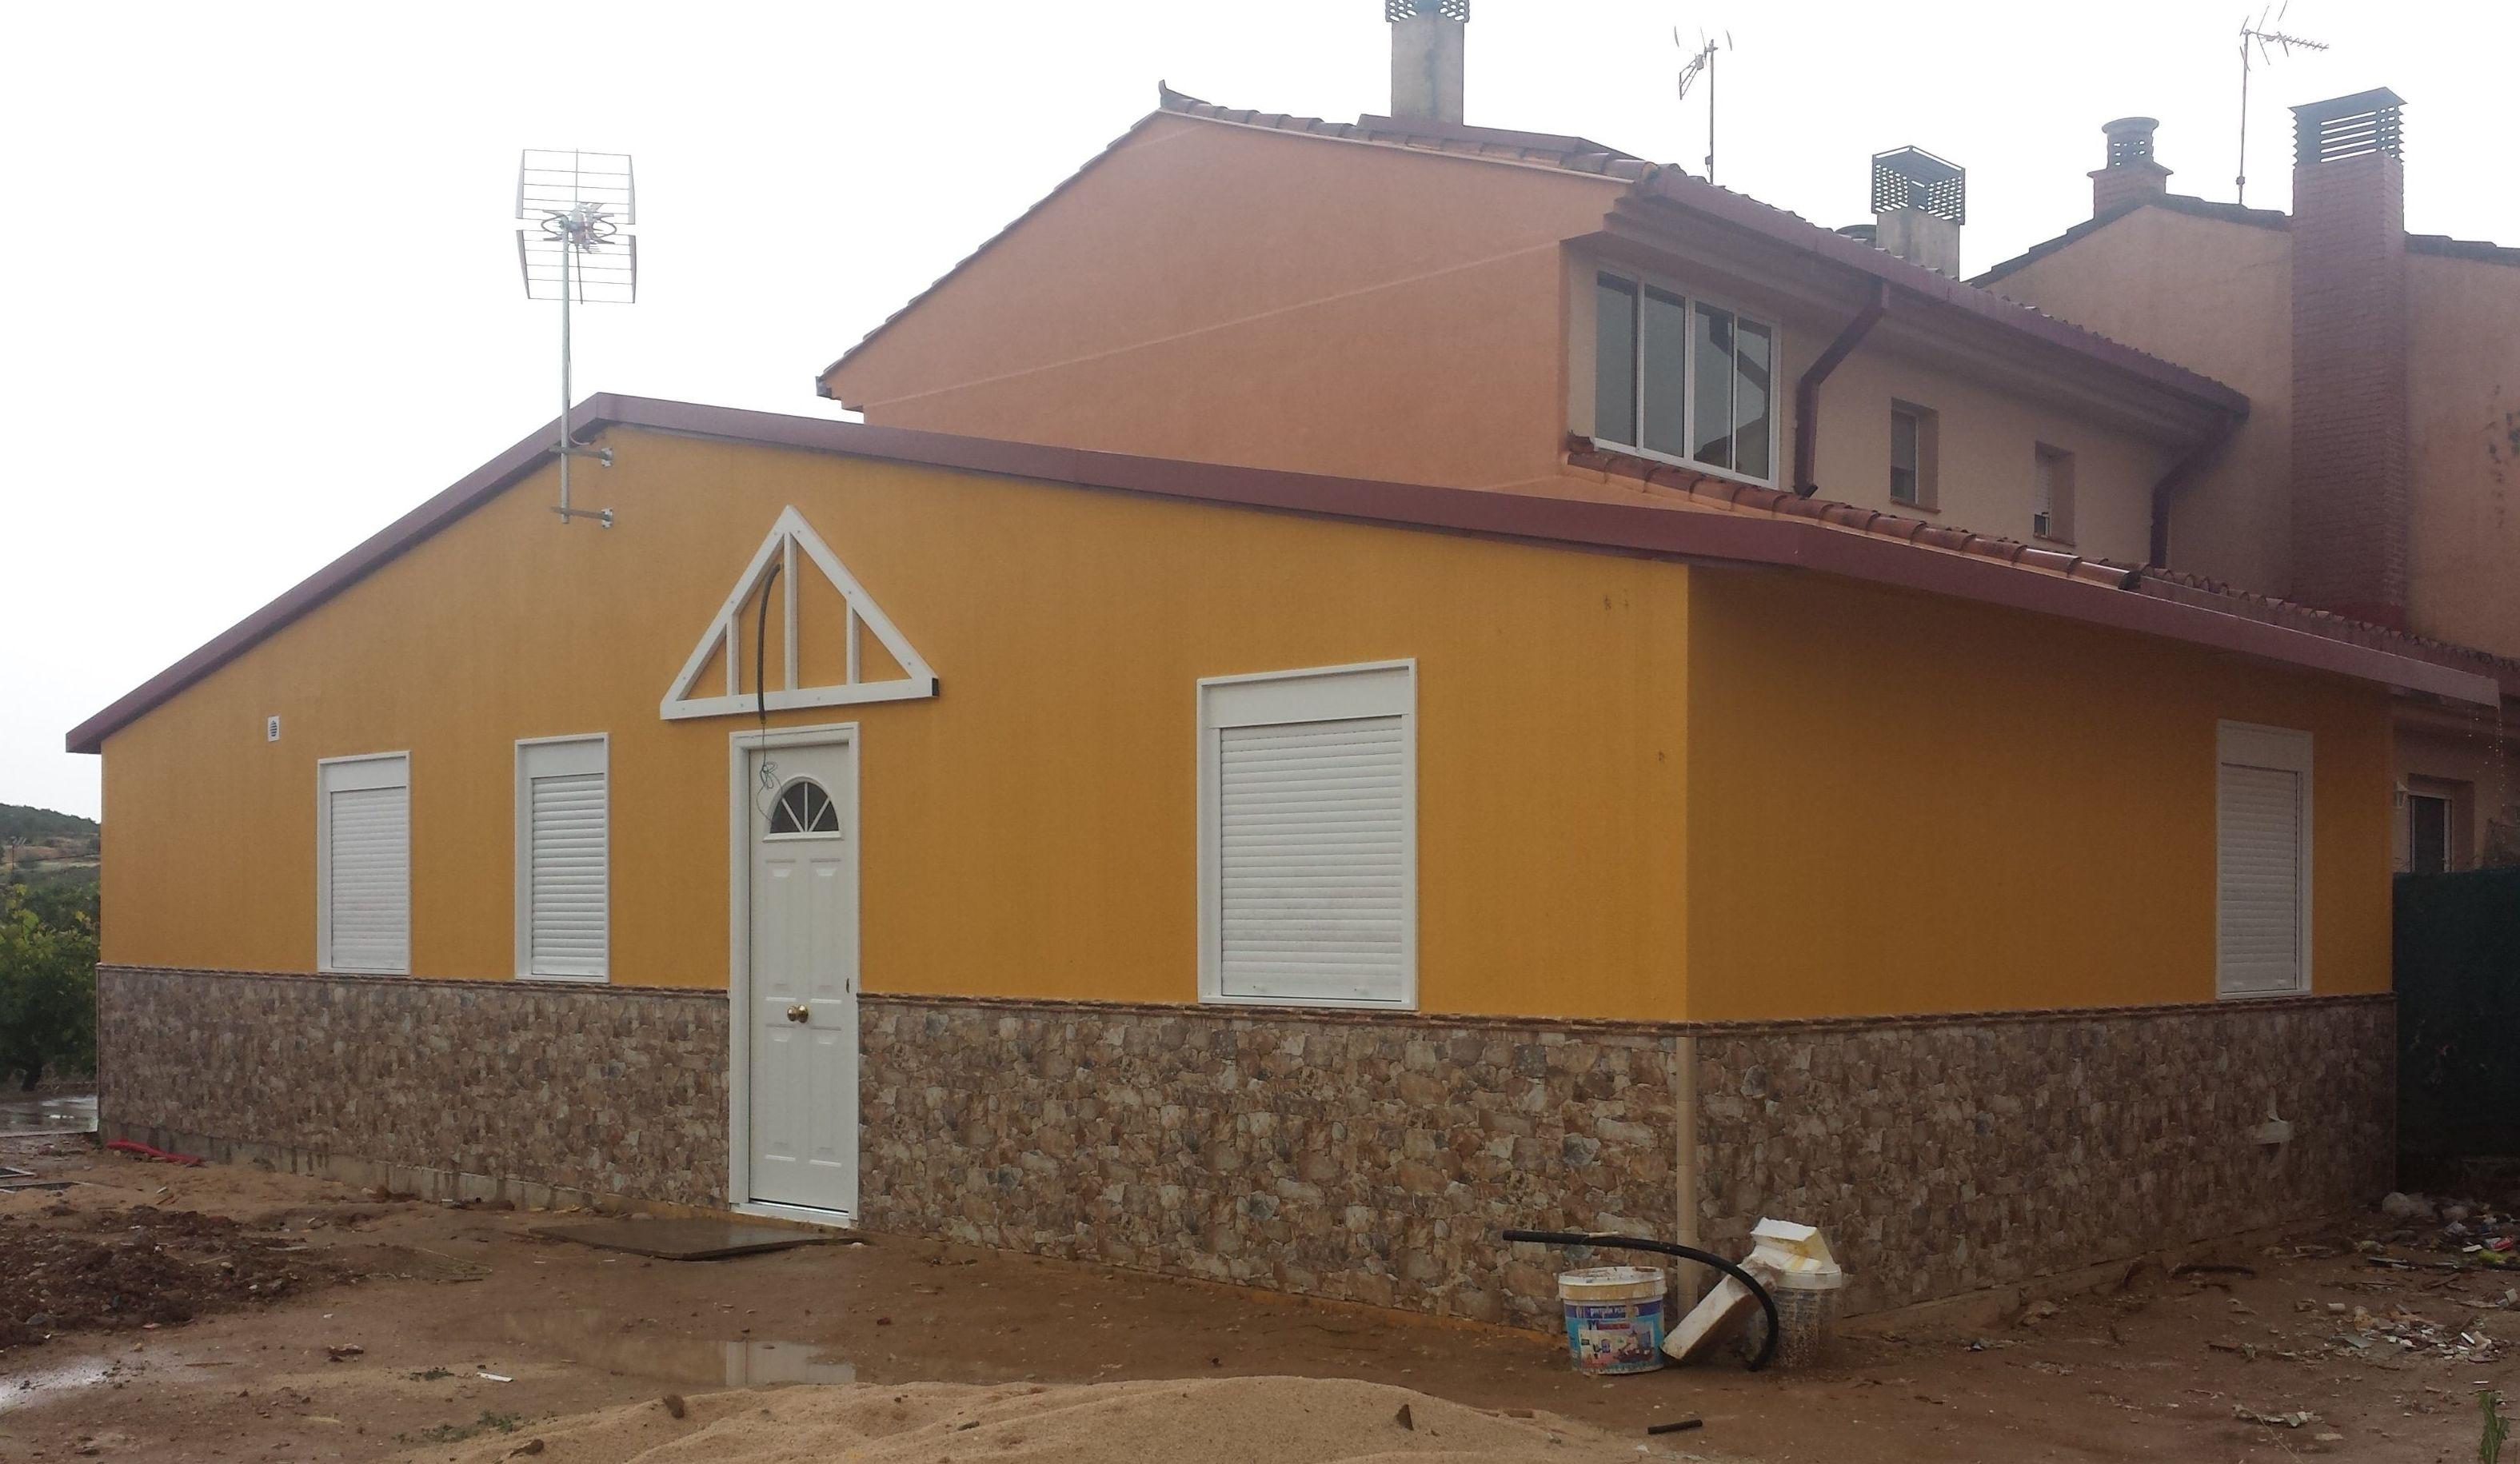 Foto 64 de Casas prefabricadas en Humanes | Wigarma